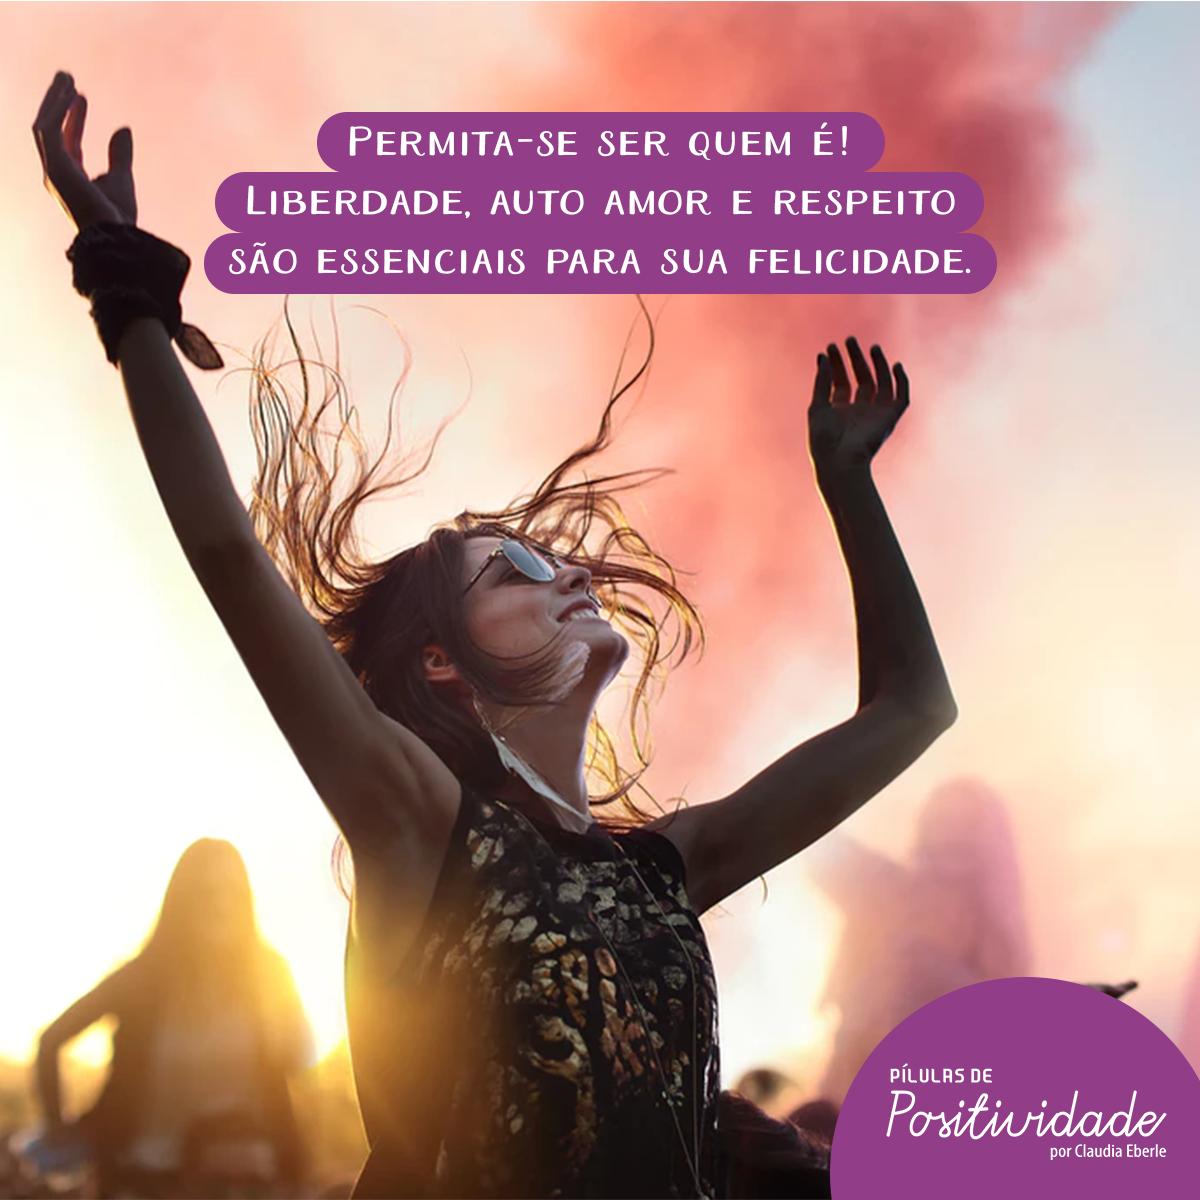 Permita-se ser quem é! Liberdade, auto amor e respeito são essenciais para sua felicidade